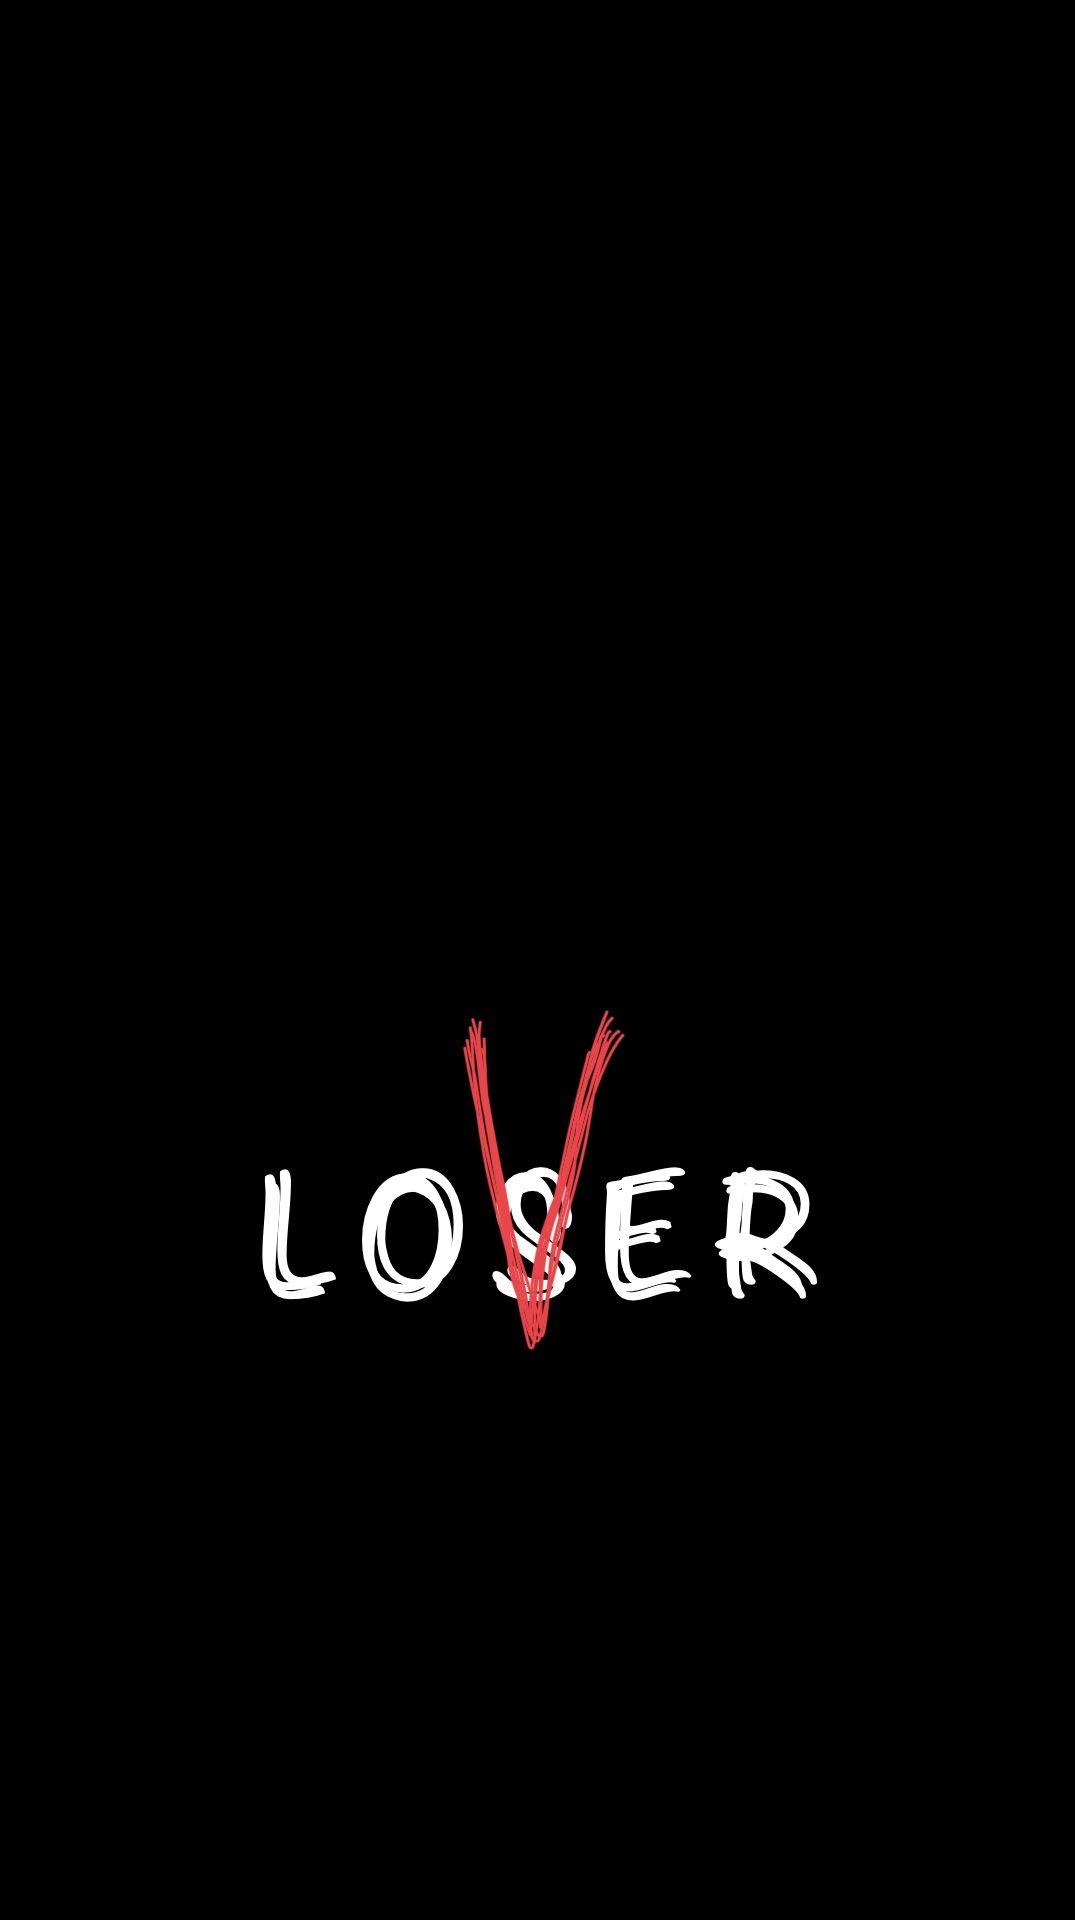 Lover Loser Wallpaper : lover, loser, wallpaper, Loser, Lover', Movie., Wallpaper, IPhone, Ilahm, Veren, Alıntılar,, Retro, Posterler,, Arkaplansız